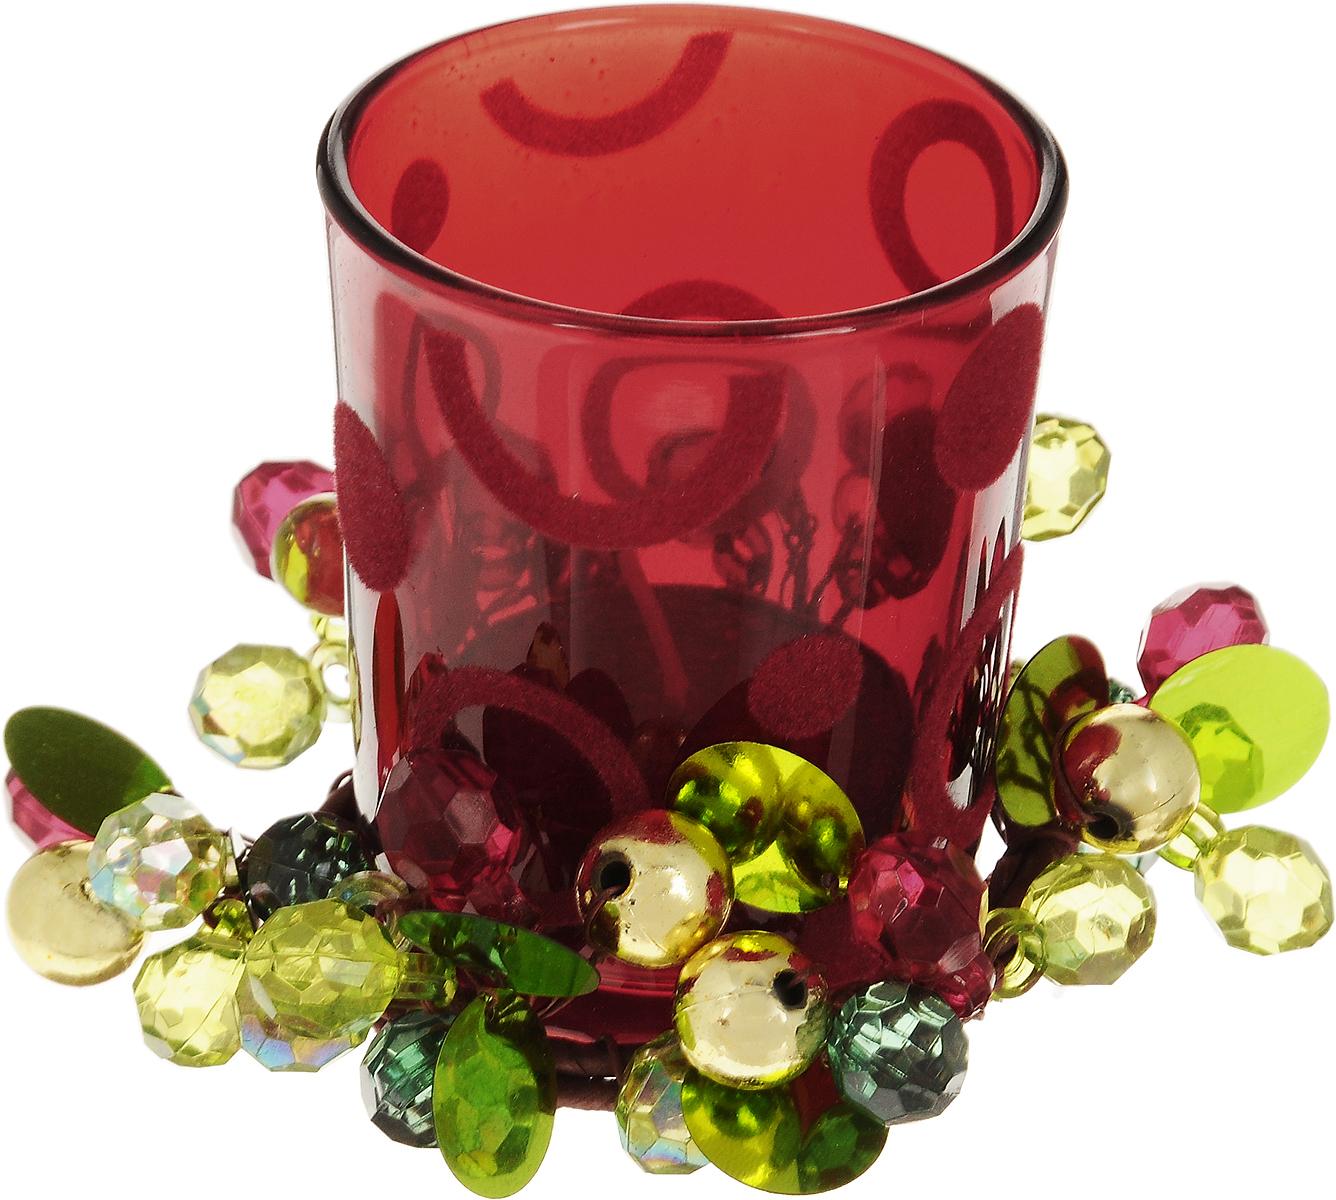 Подсвечник Lovemark Цветные ягоды, со свечойFS-91909Подсвечник Lovemark представляет собой стеклянную емкость для чайной свечи, оформленную изысканным декоративным элементом в виде плетеной веточки с ягодками. Чайная свеча красного цвета входит в комплект. Такой подсвечник элегантно оформит интерьер вашего дома. Мерцание свечи создаст атмосферу романтики и уюта. Диаметр емкости (по верхнему краю): 5,5 см. Высота емкости: 6,5 см. Диаметр свечи: 3,5 см.